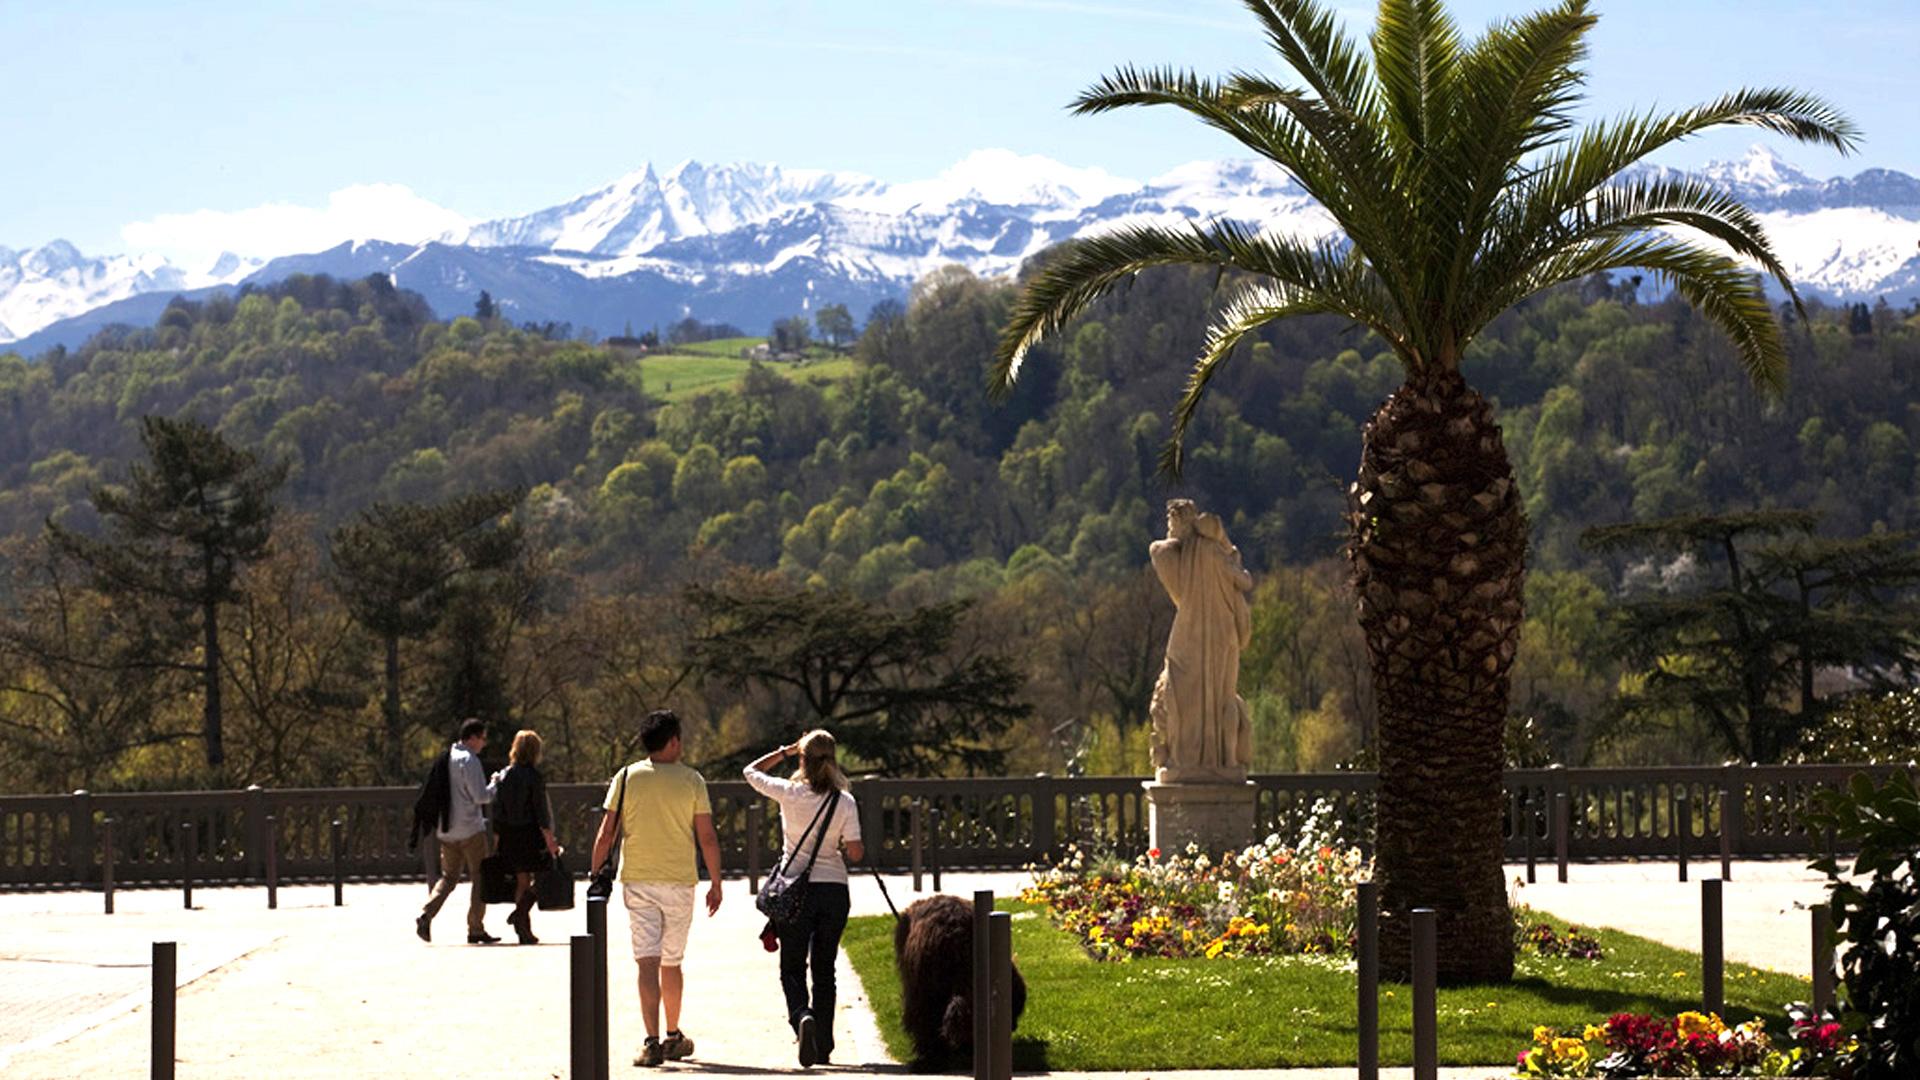 Le Mythique Boulevard des Pyrénées |Hôtel Le Roncevaux